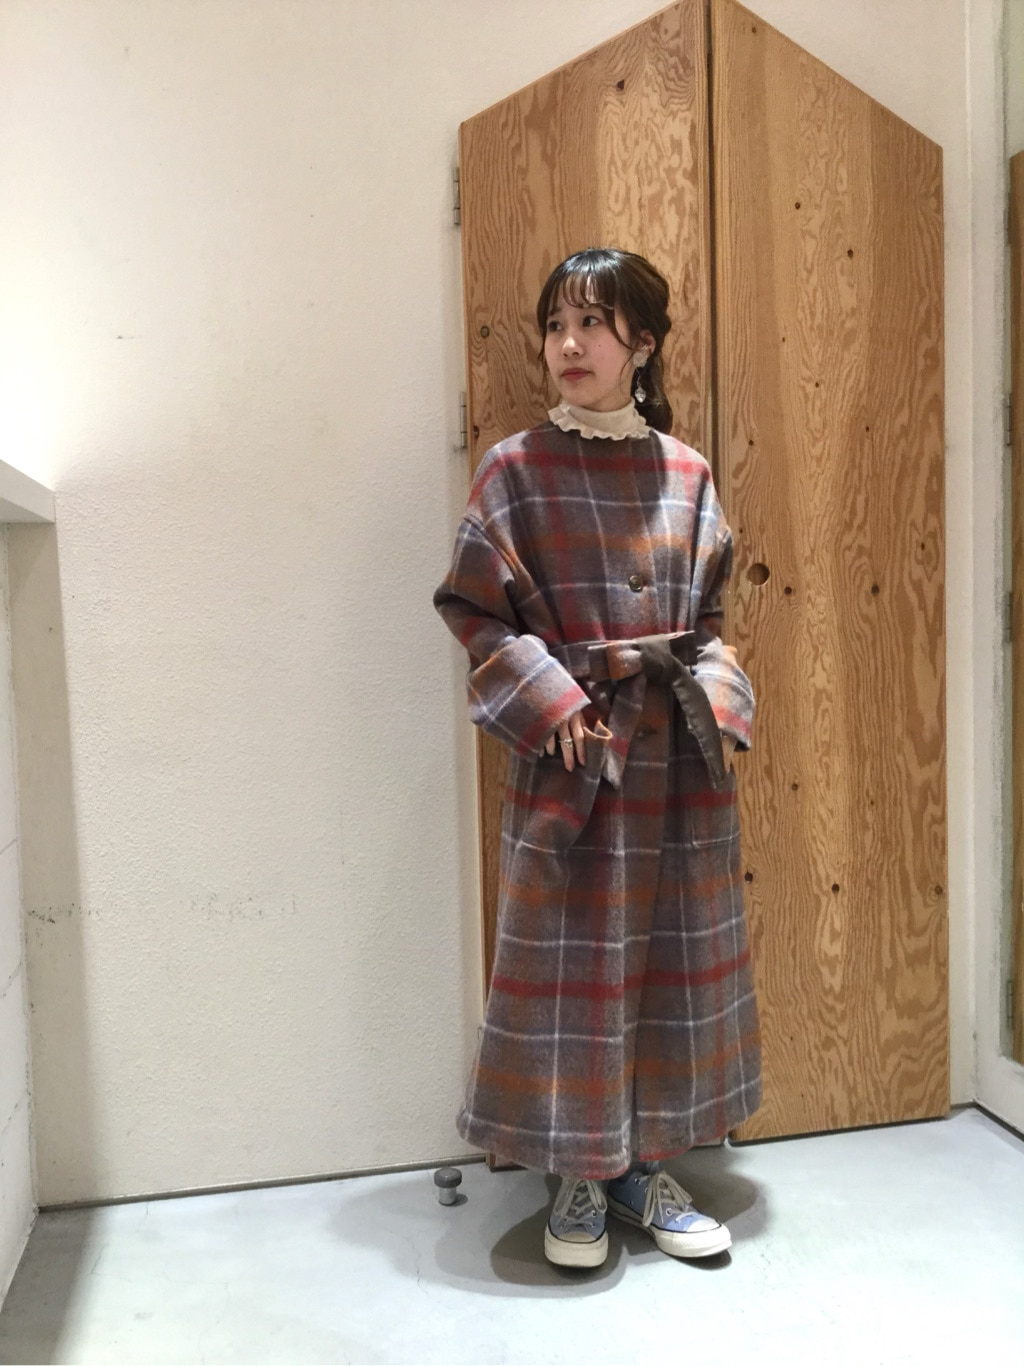 l'atelier du savon グランフロント大阪 身長:152cm 2019.12.11